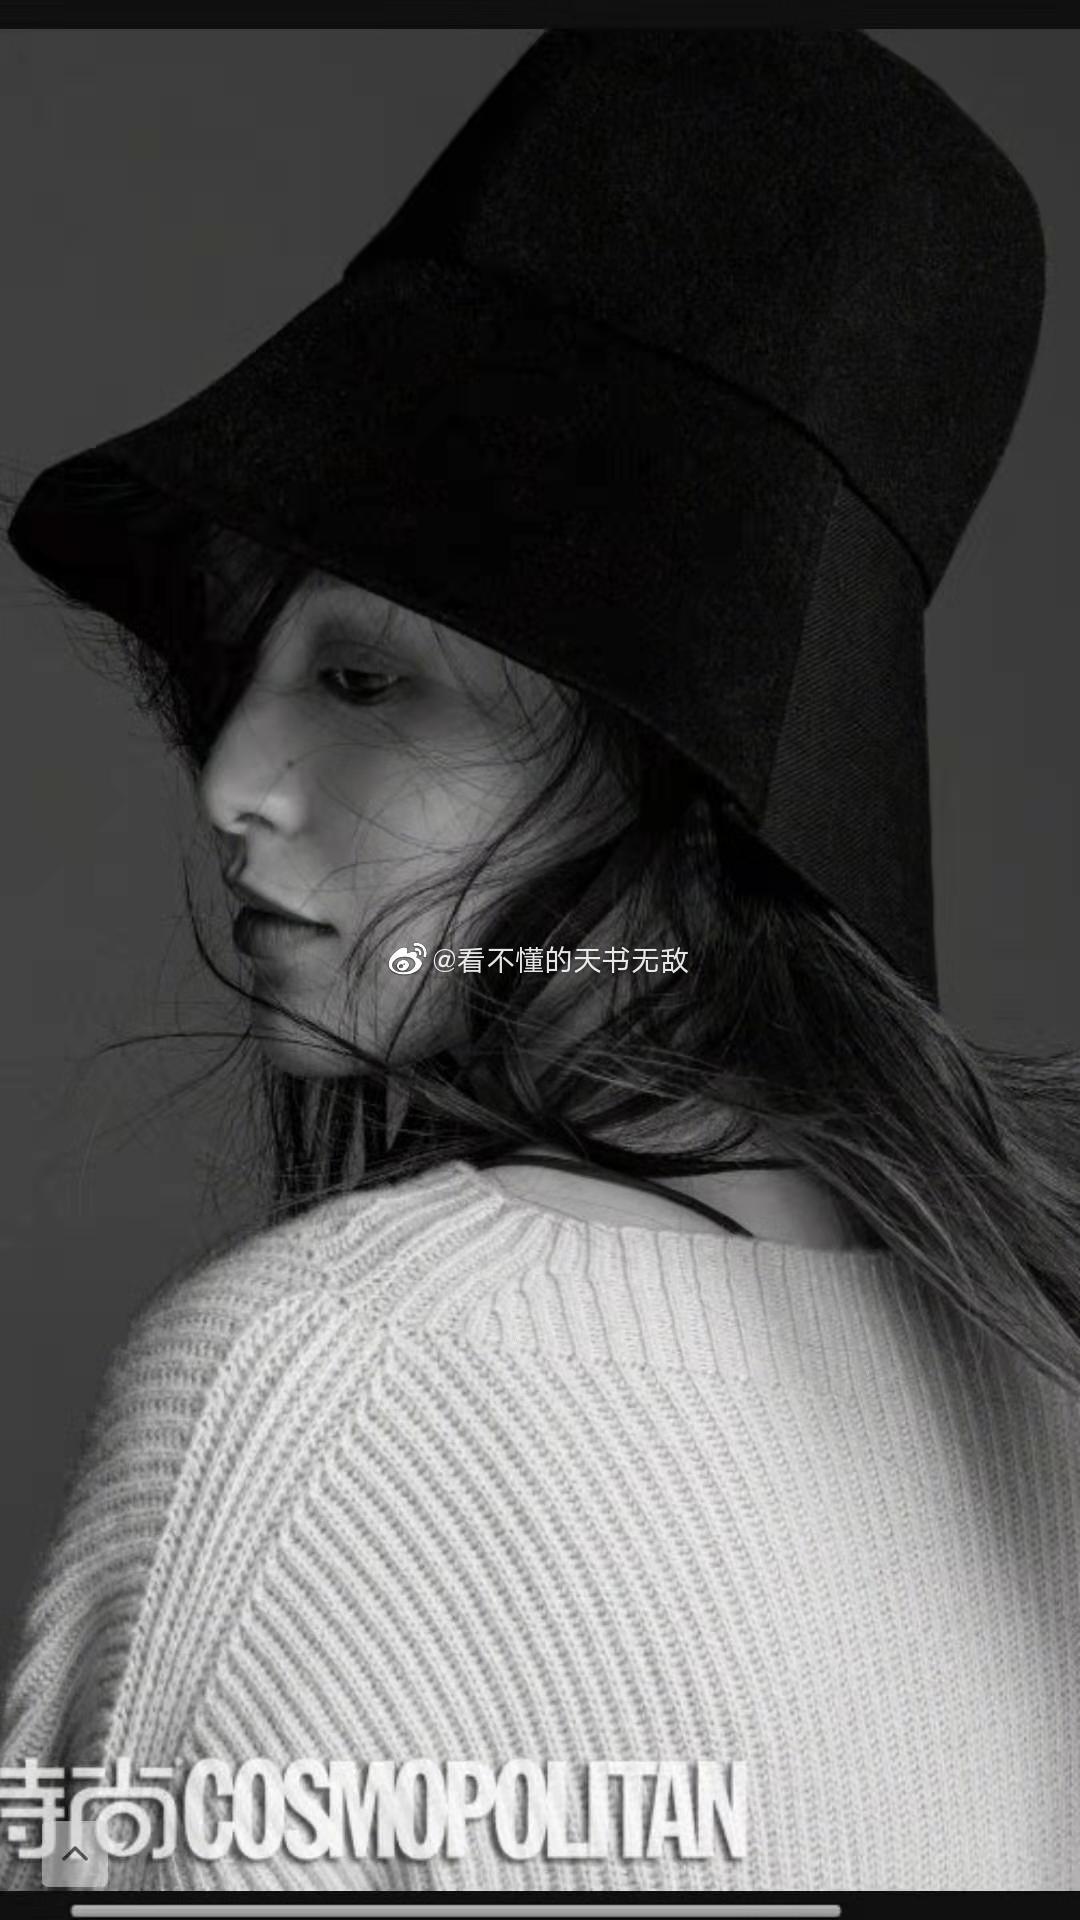 唐嫣最新封面大刊曝光,作为准妈妈的唐嫣身披大衣巧妙地遮住了肚子